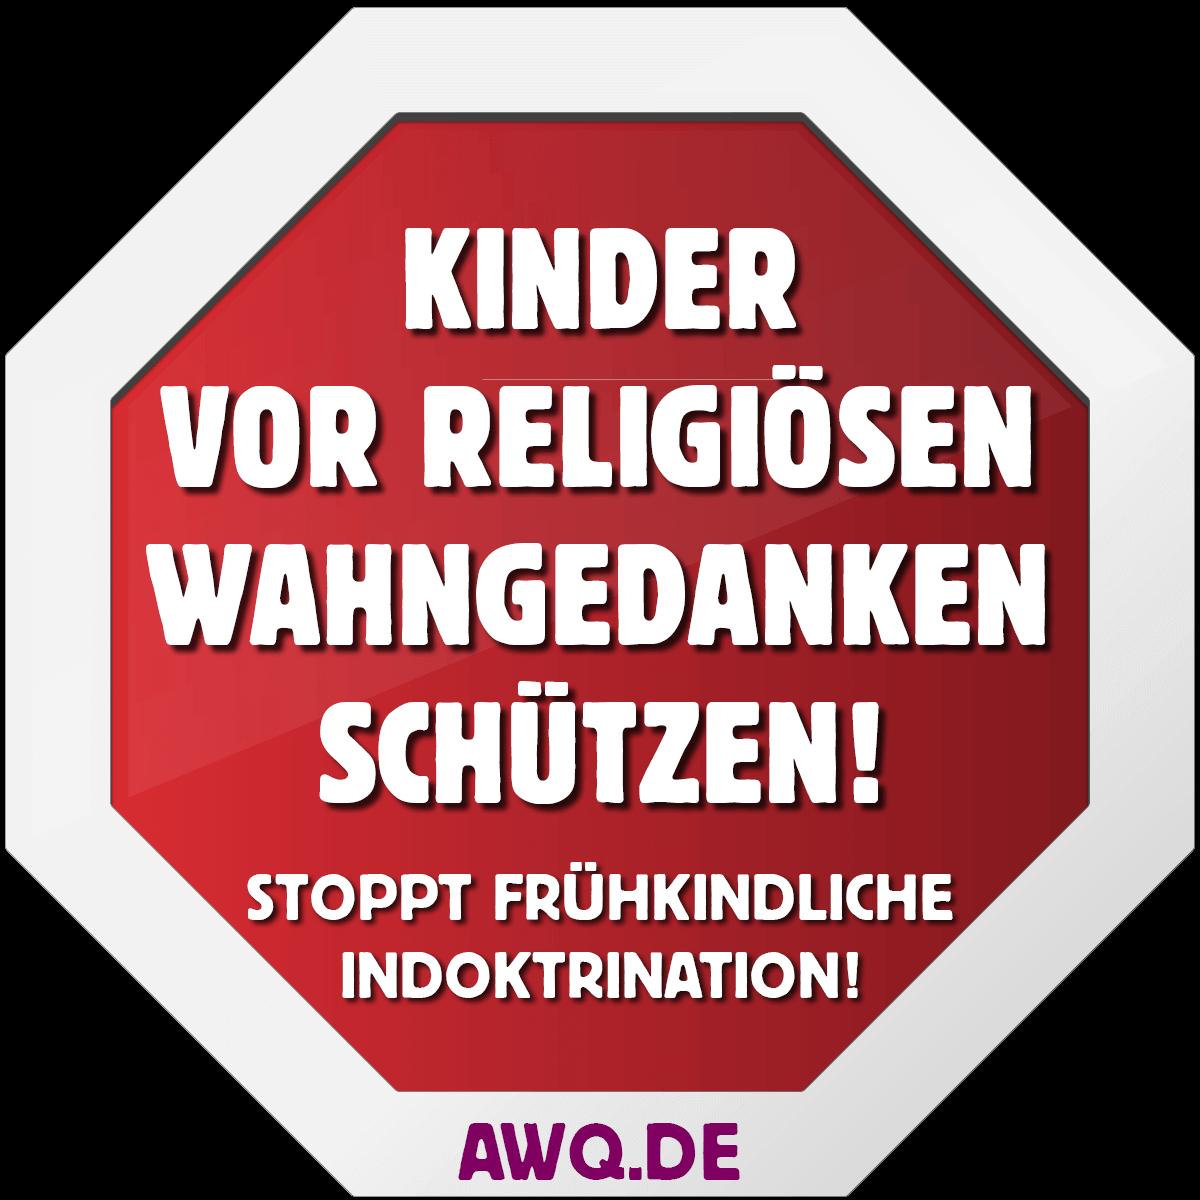 Kinder vor religiösen Wahngedanken schützen! Stoppt frühkindliche Indoktrination!